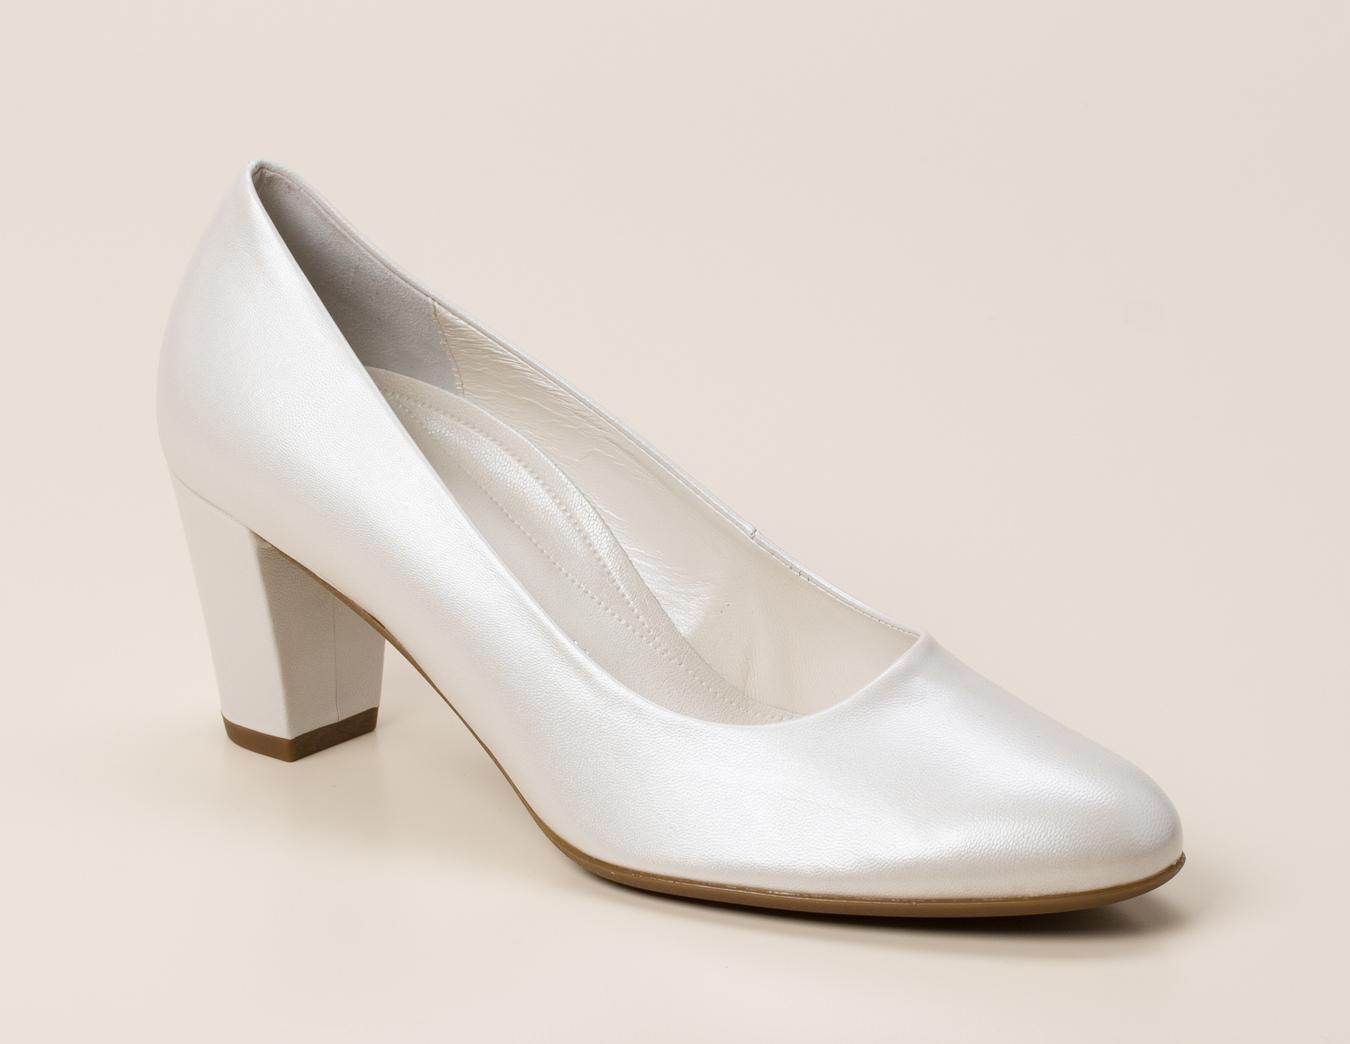 Gabor Comfort Damen Pumps in weiß kaufen | Zumnorde Online Shop dnura